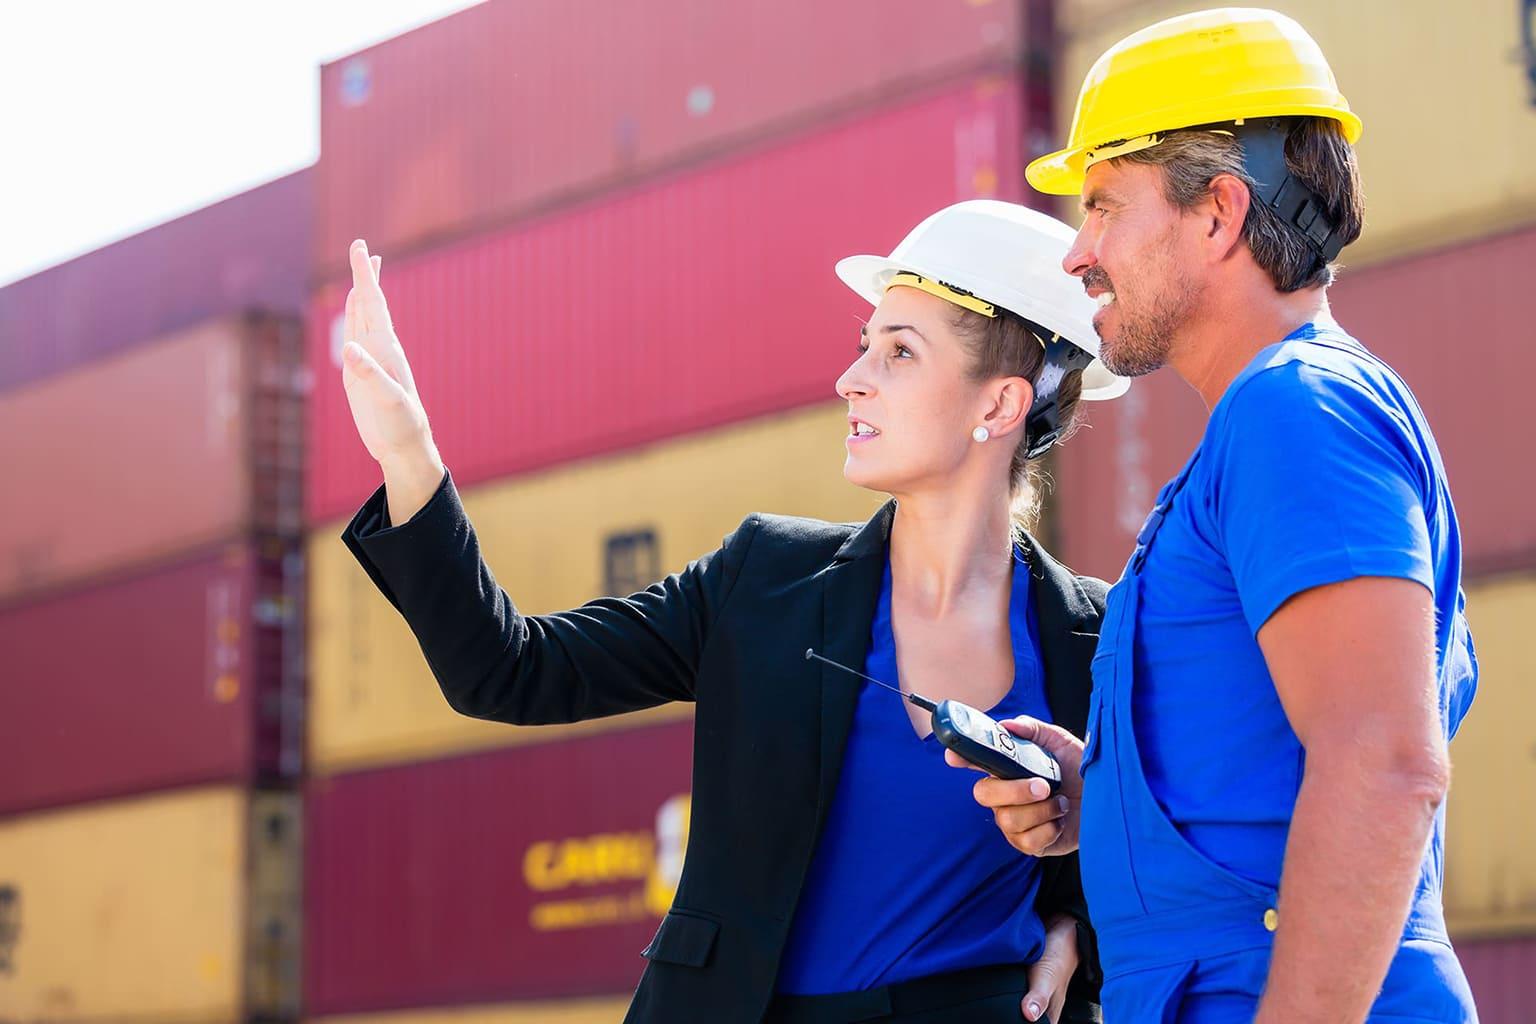 Man en vrouw in de bouw praten over twinfield training